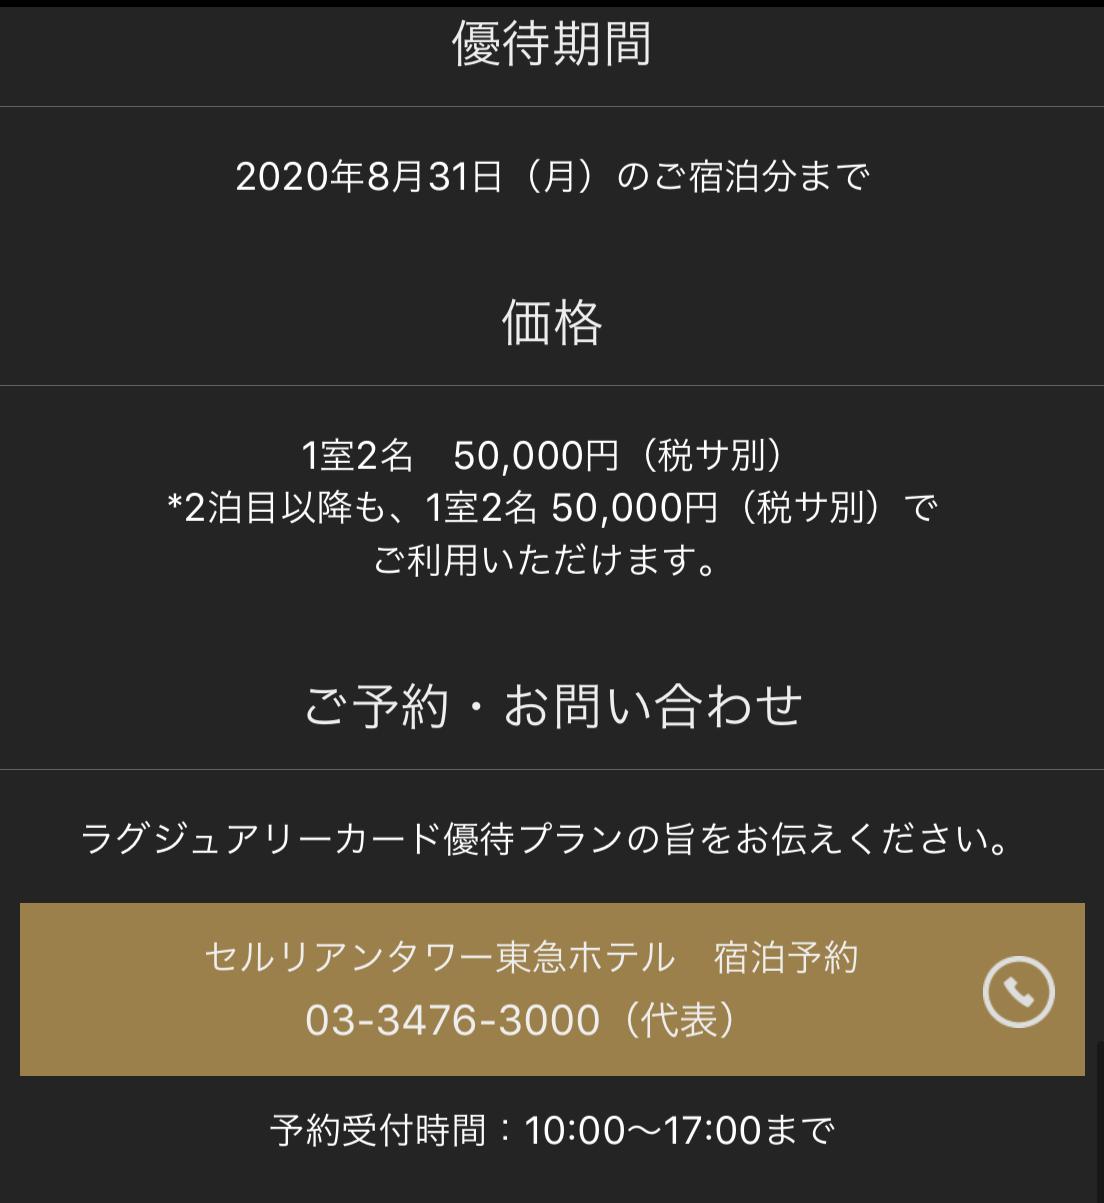 ラグジュアリーカードのセルリアンタワー東急ホテル宿泊プラン (9)